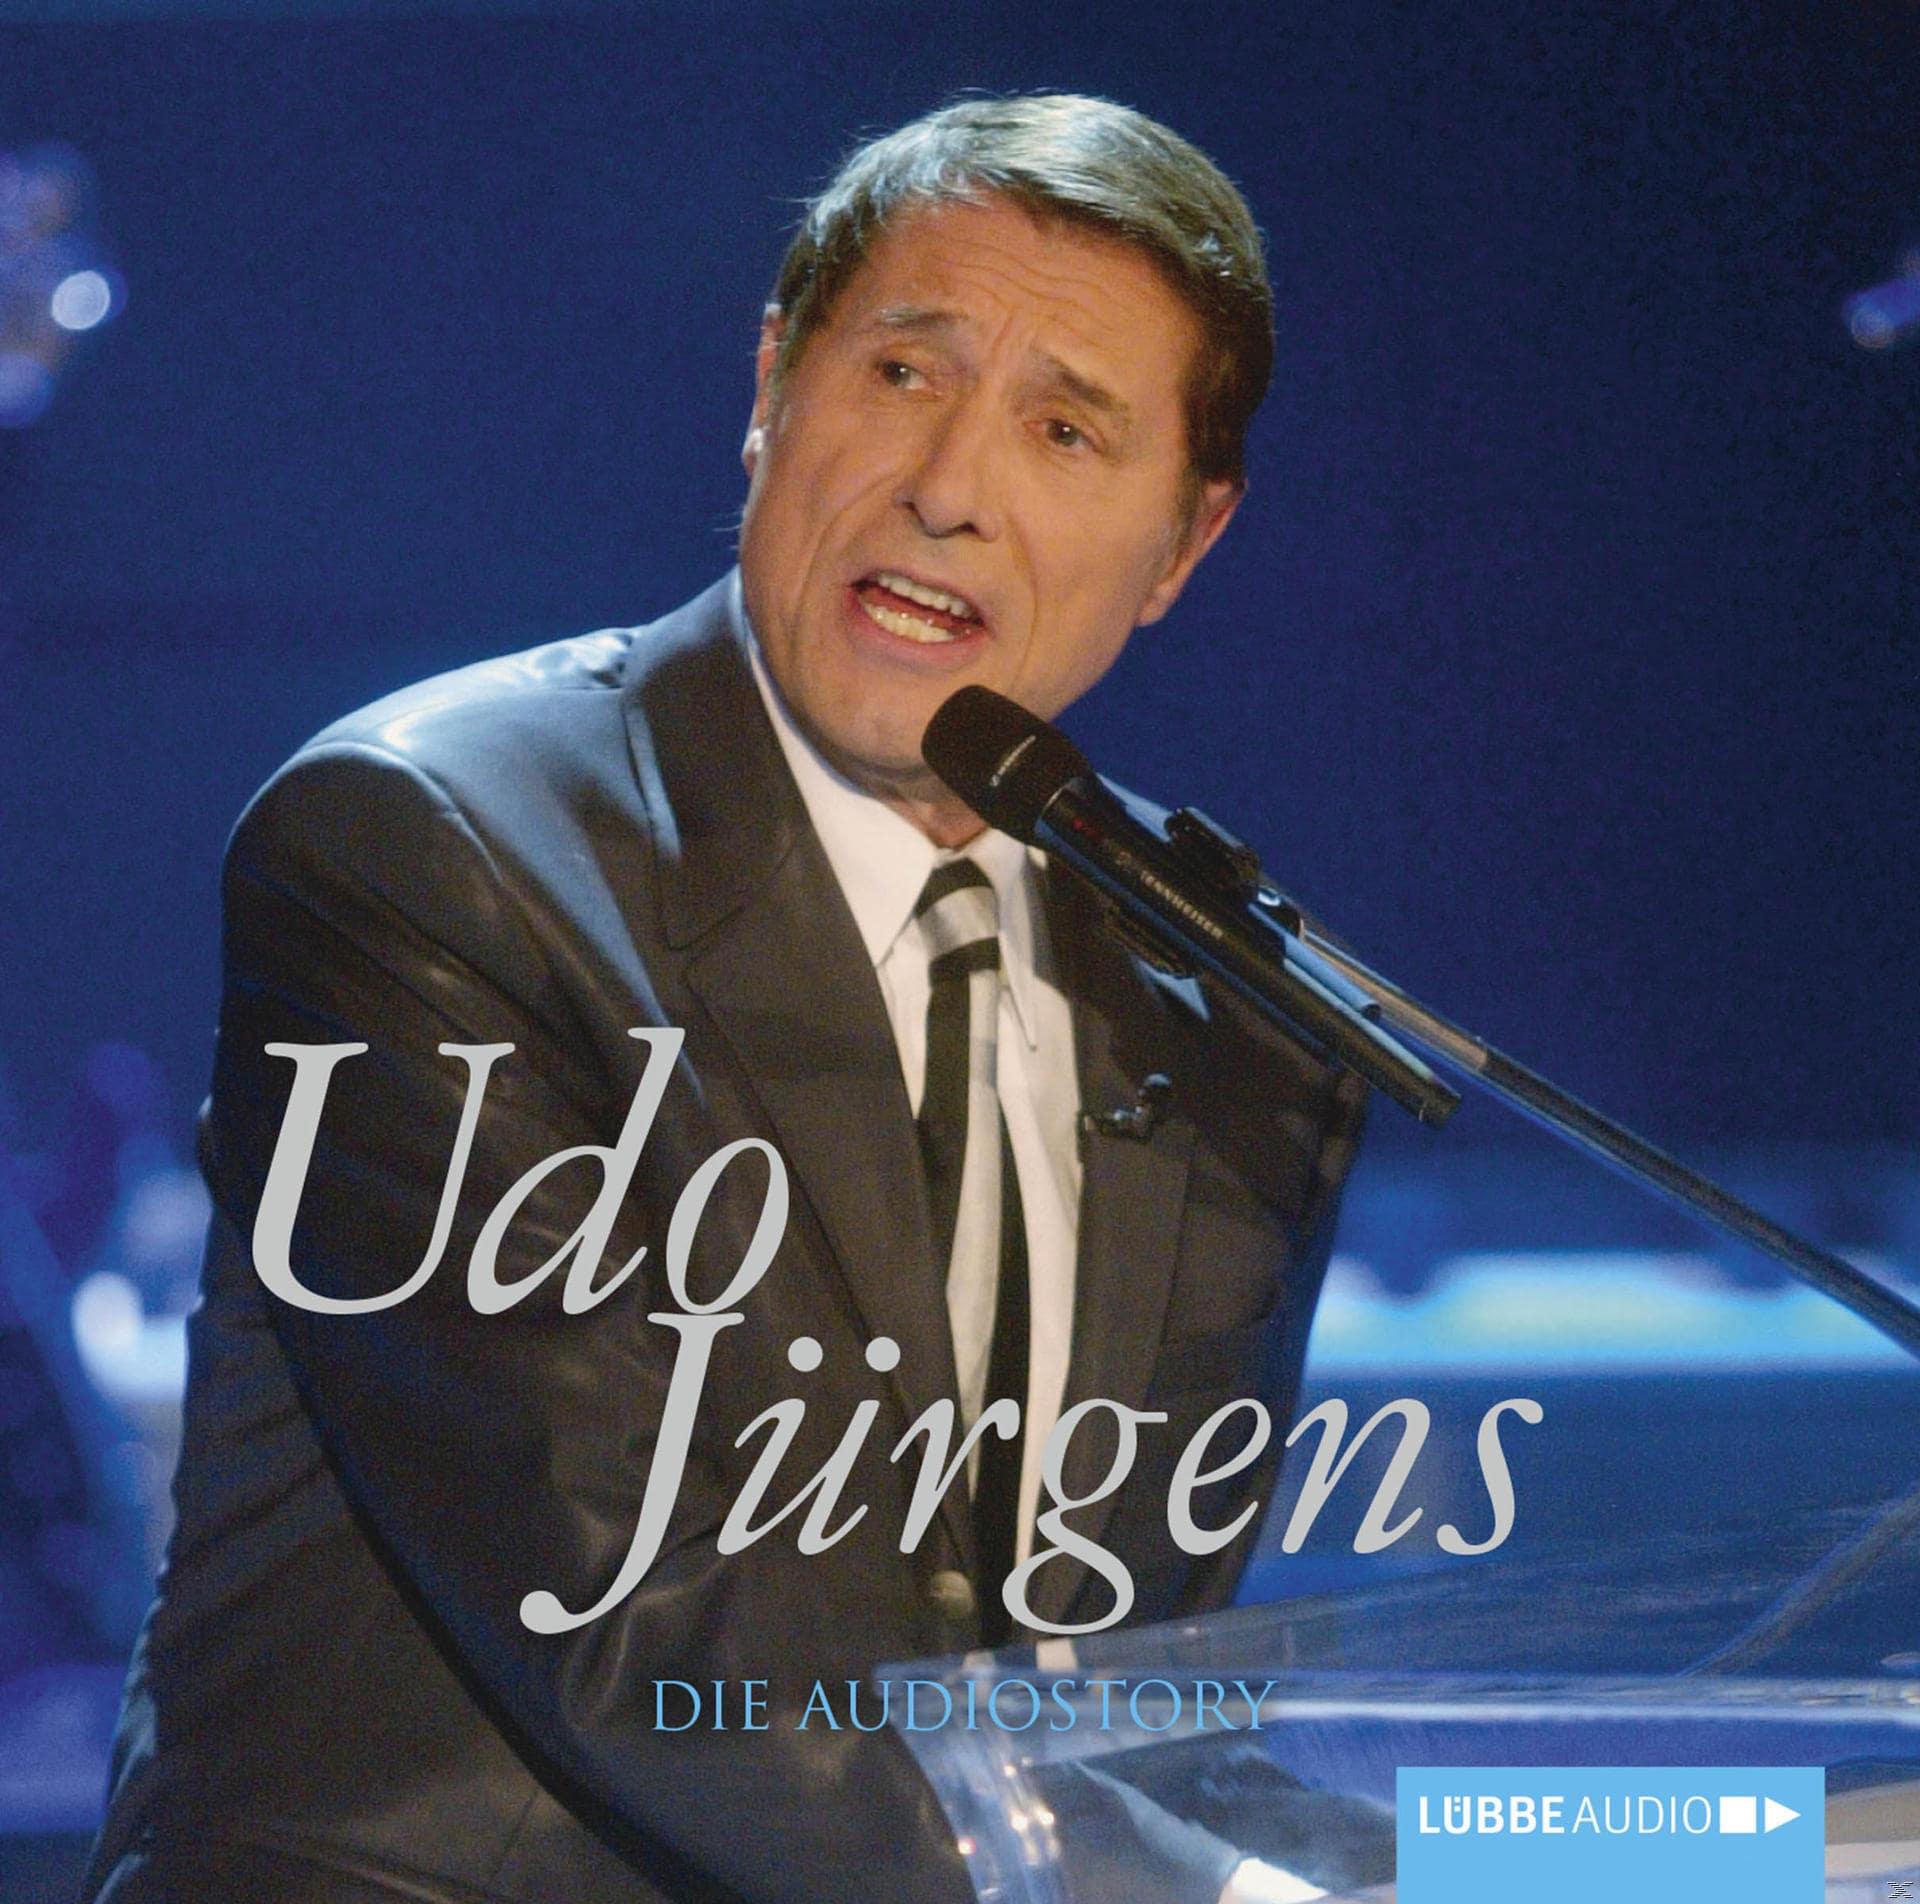 Udo Jürgens - Die Audiostory (CD(s)) für 6,99 Euro